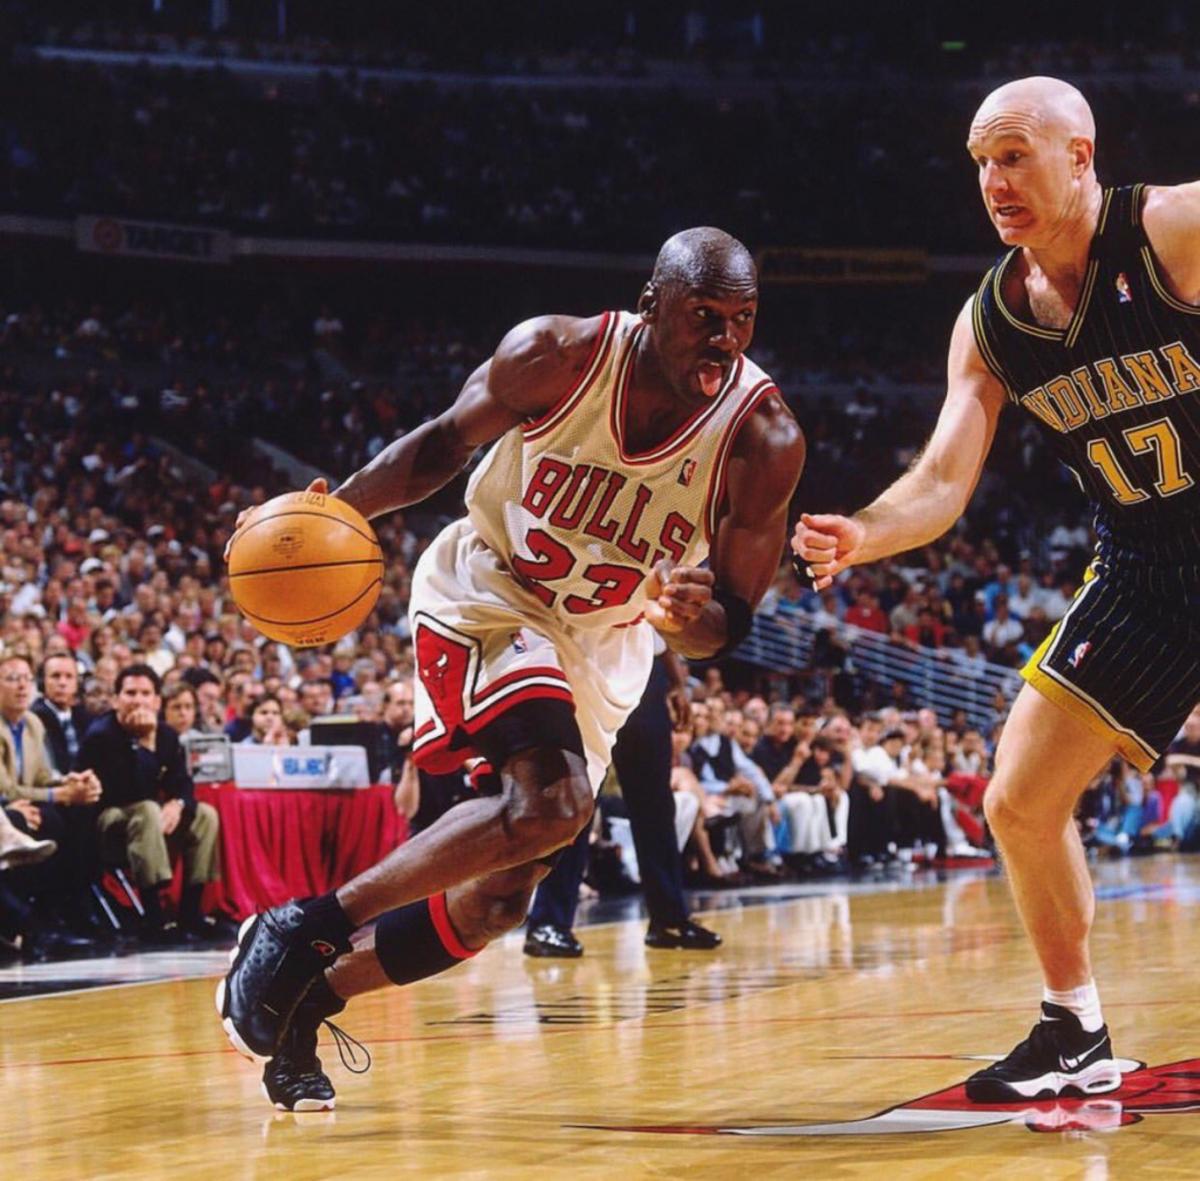 Chris Mullin vs. Michael Jordan